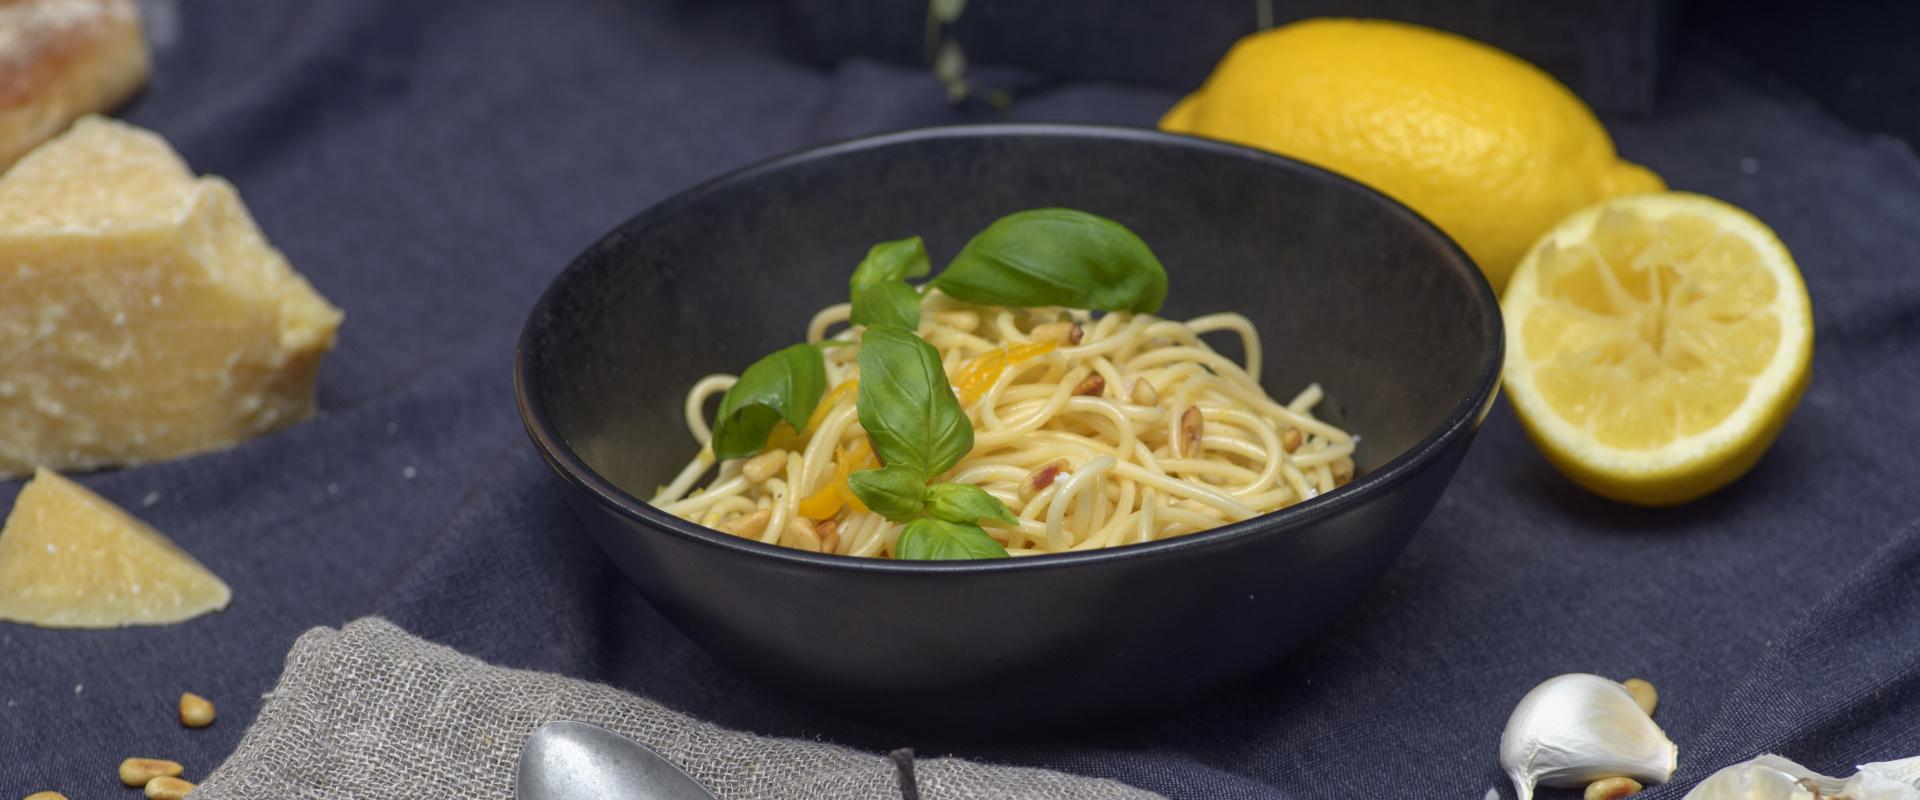 spagetti al limone cover